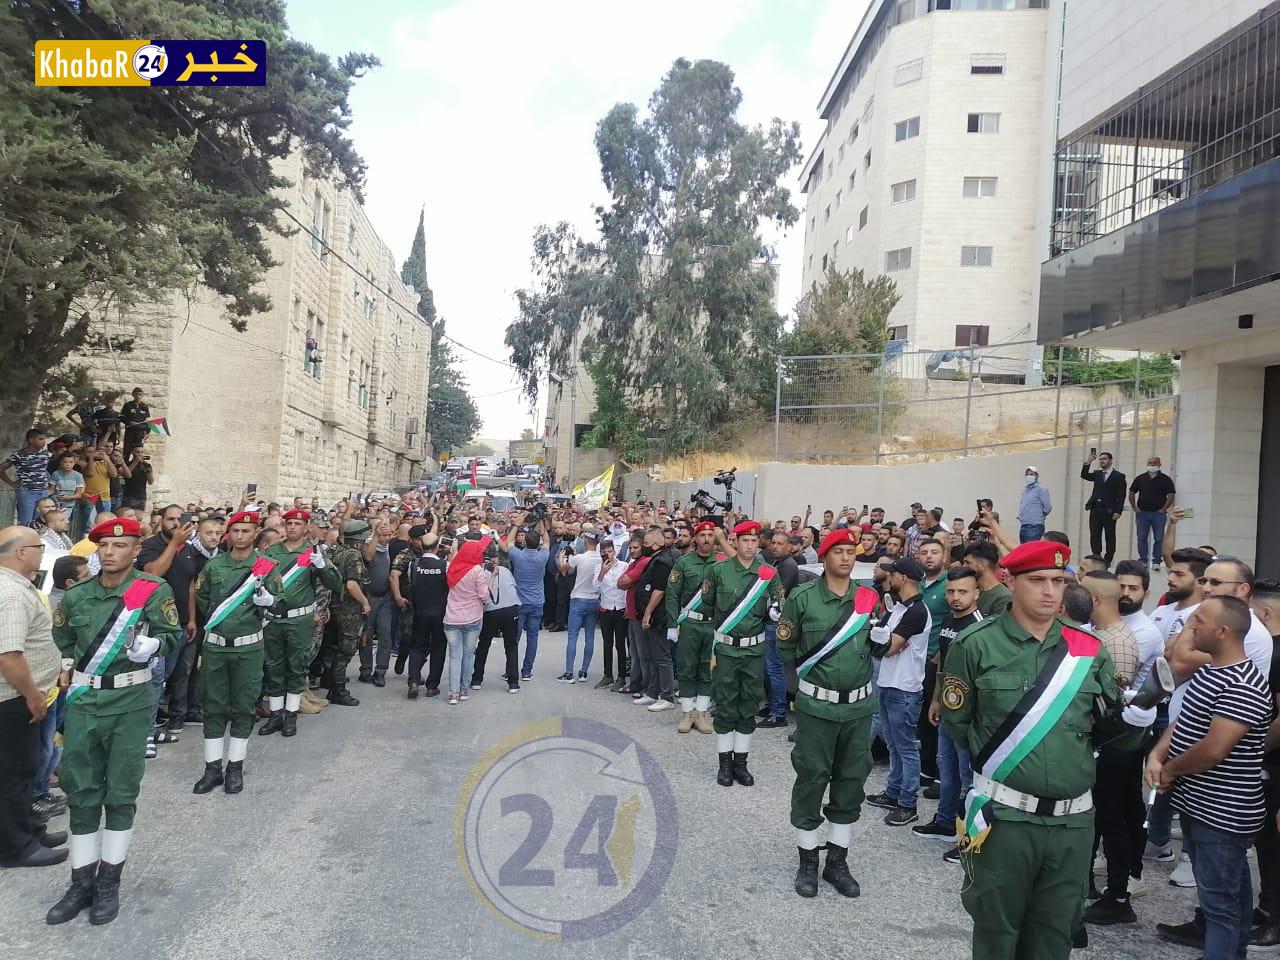 تشييع جثمان الأسير الشهيد حسين مسالمة بموكب جنائزي مهيب في بيت لحم